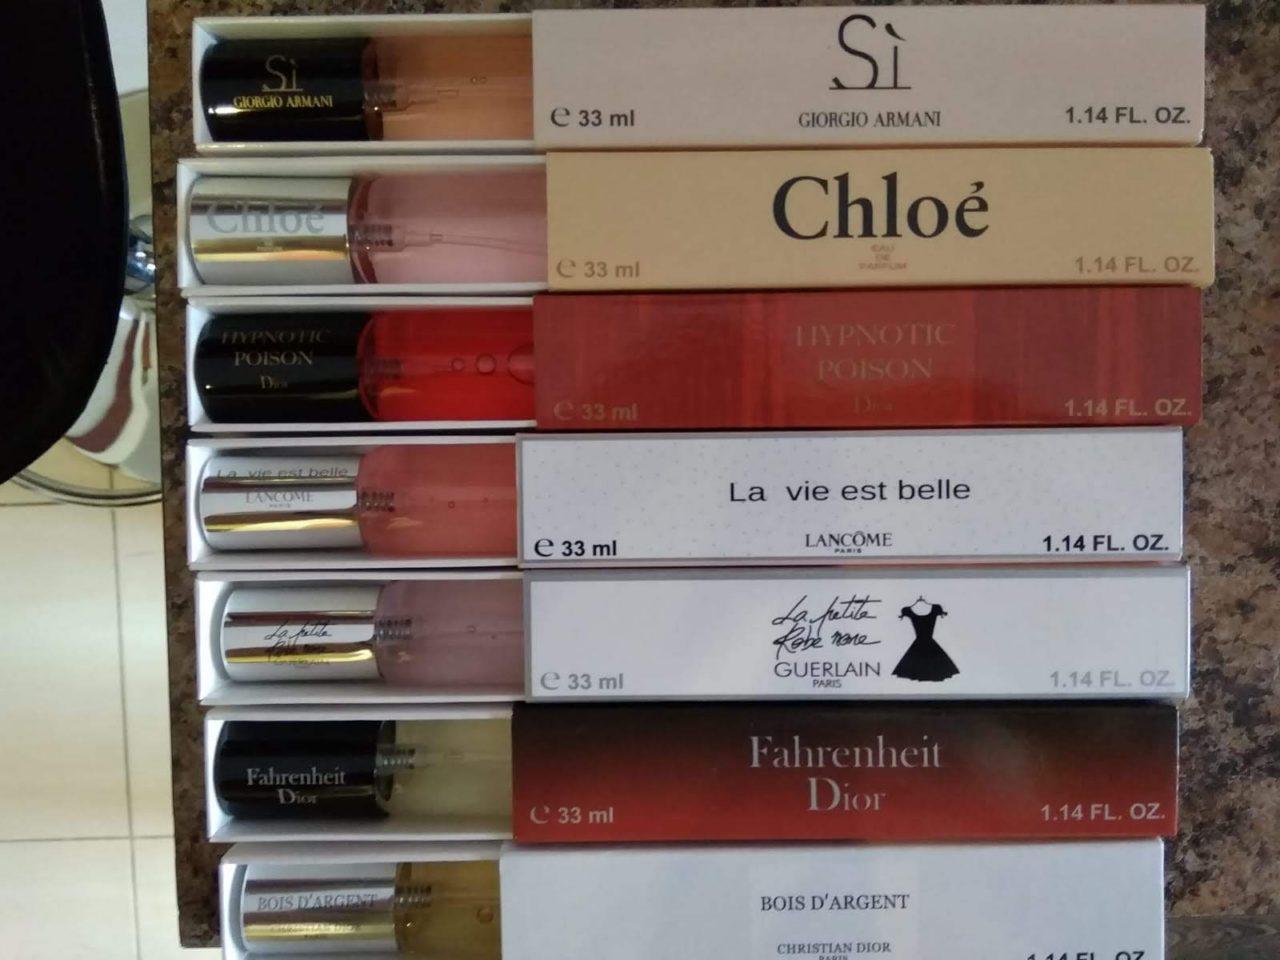 Fournisseur Interessant Fournisseur 33ml Prix Interessant Parfum Parfum Prix 33ml Fournisseur Nk80OPXwnZ